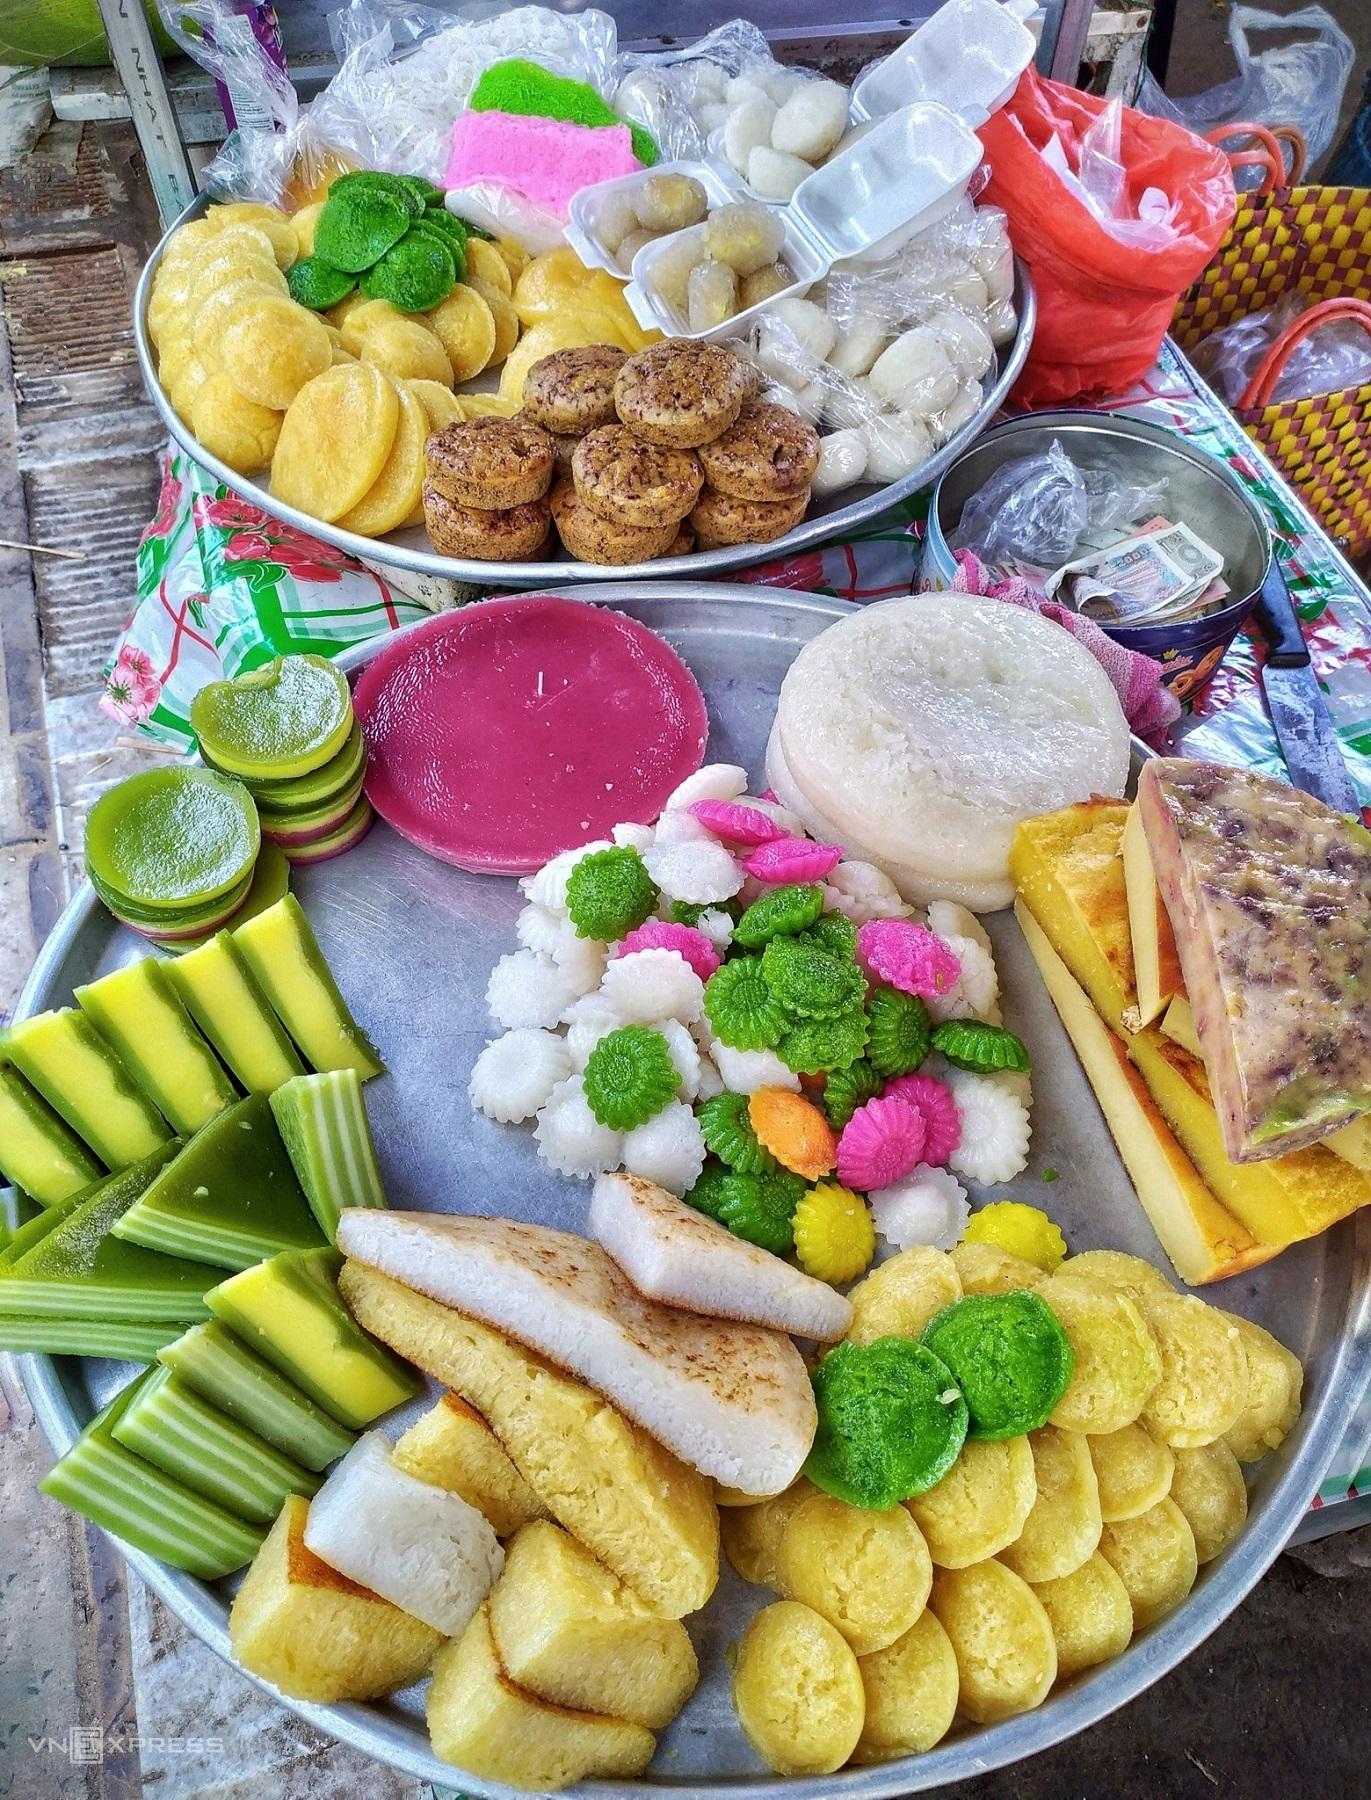 Nước cốt dừa cũng là thành phần làm nên vị béo khi chế biến các loại bánh. Sau khi đổ bánh trong khuôn, người dân sắc miếng ra bán tại chợ quê Sơn Đốc, Hưng Nhượng, Giồng Trôm như bánh da lợn, bánh bò, bánh chuối nướng hay bánh khoai mì.